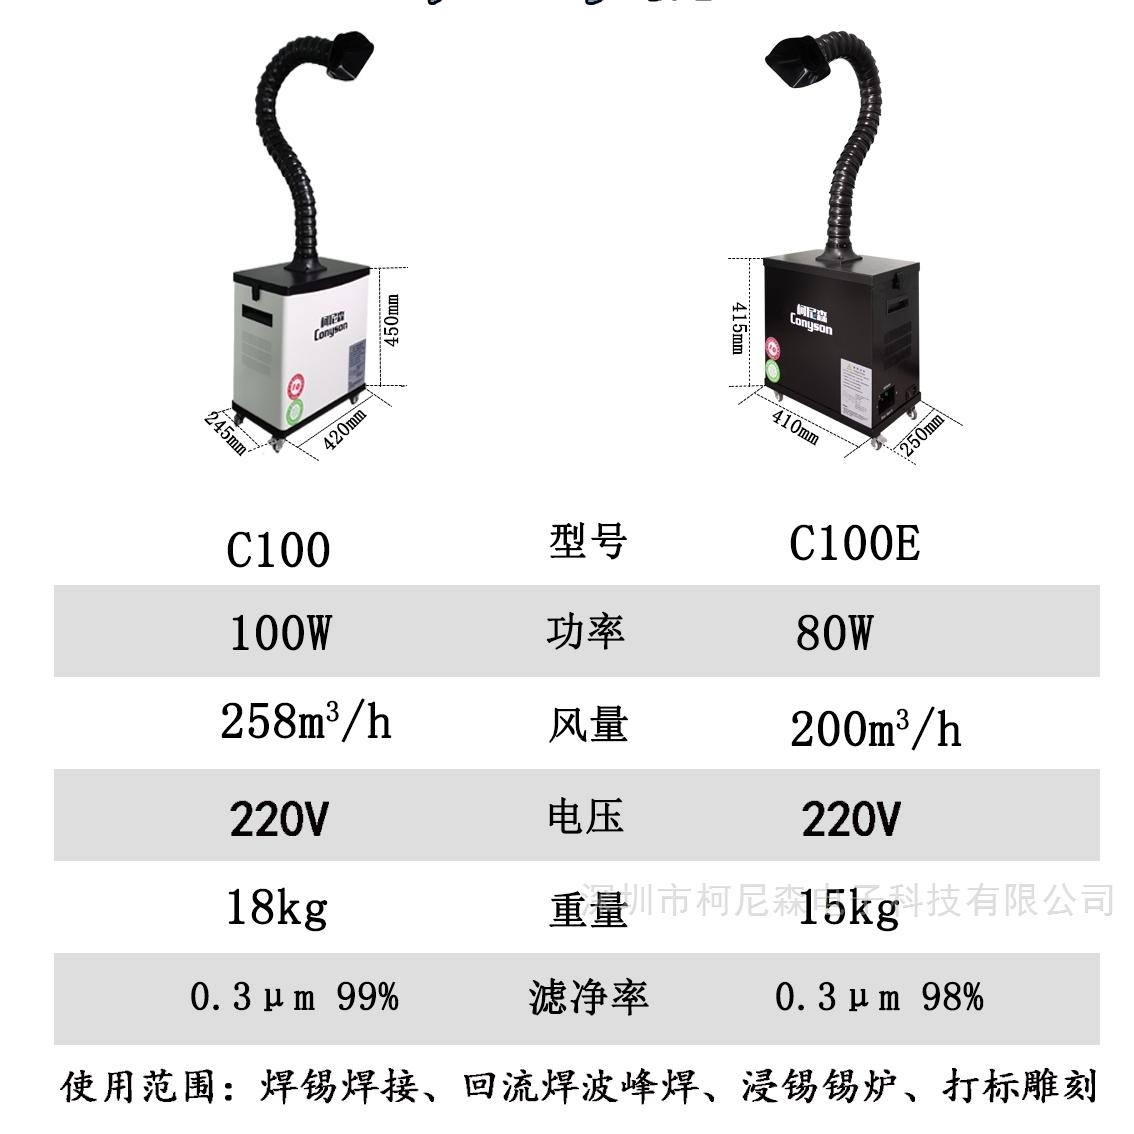 烙铁焊锡除烟设备 自动焊锡机器人烟尘处理